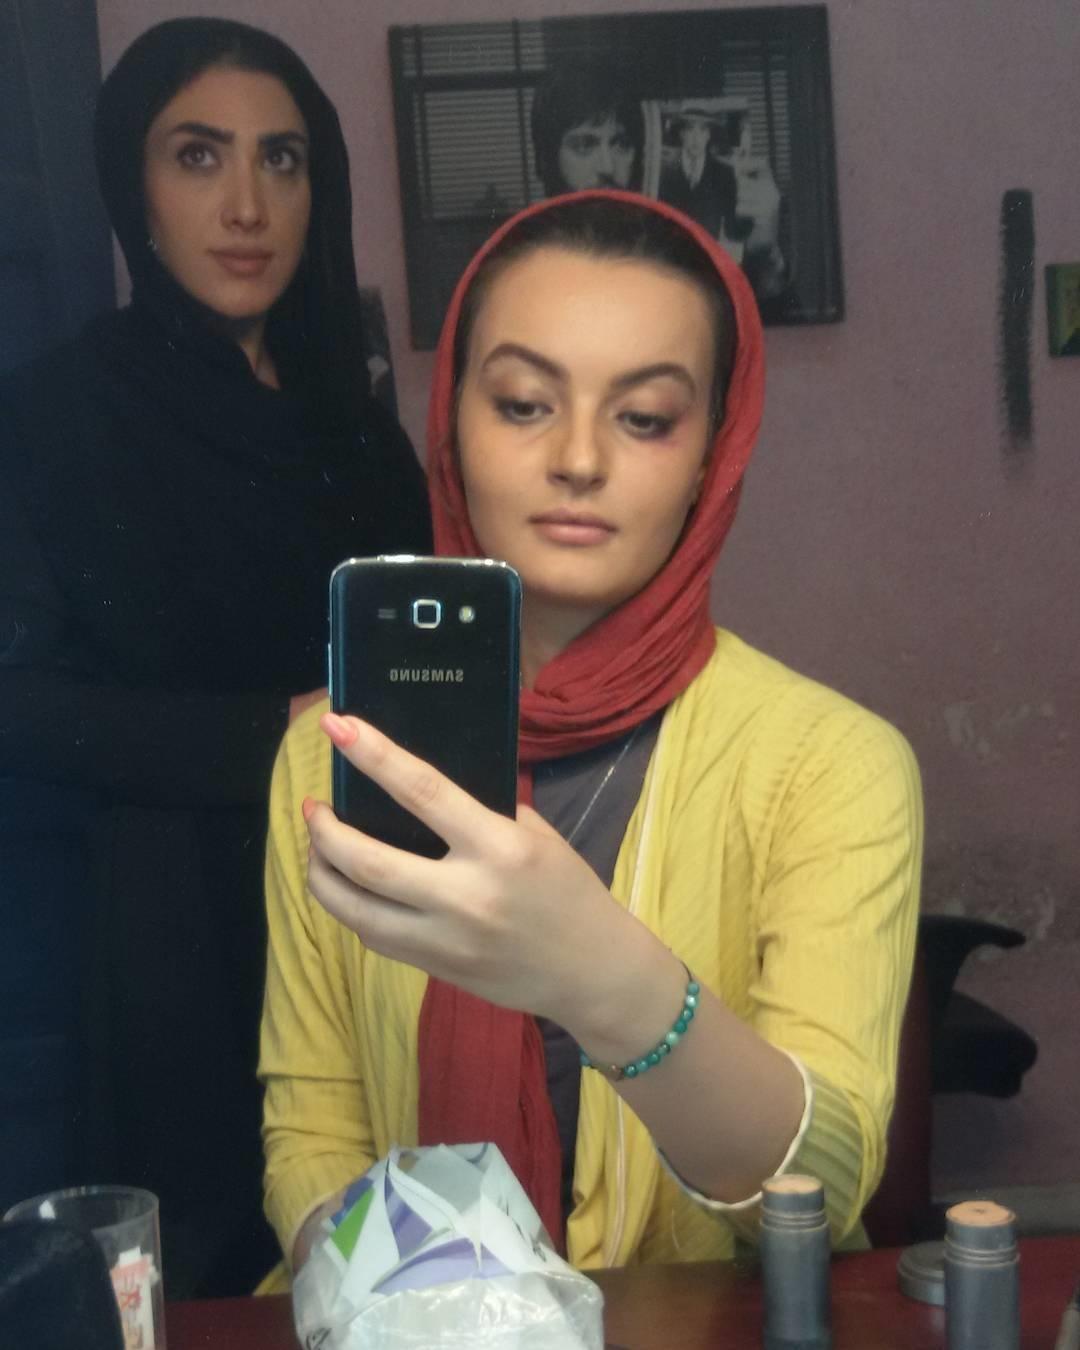 عکس های جدید منتشر شده از بازیگران و افراد مشهور ایرانی (۱۶۳)